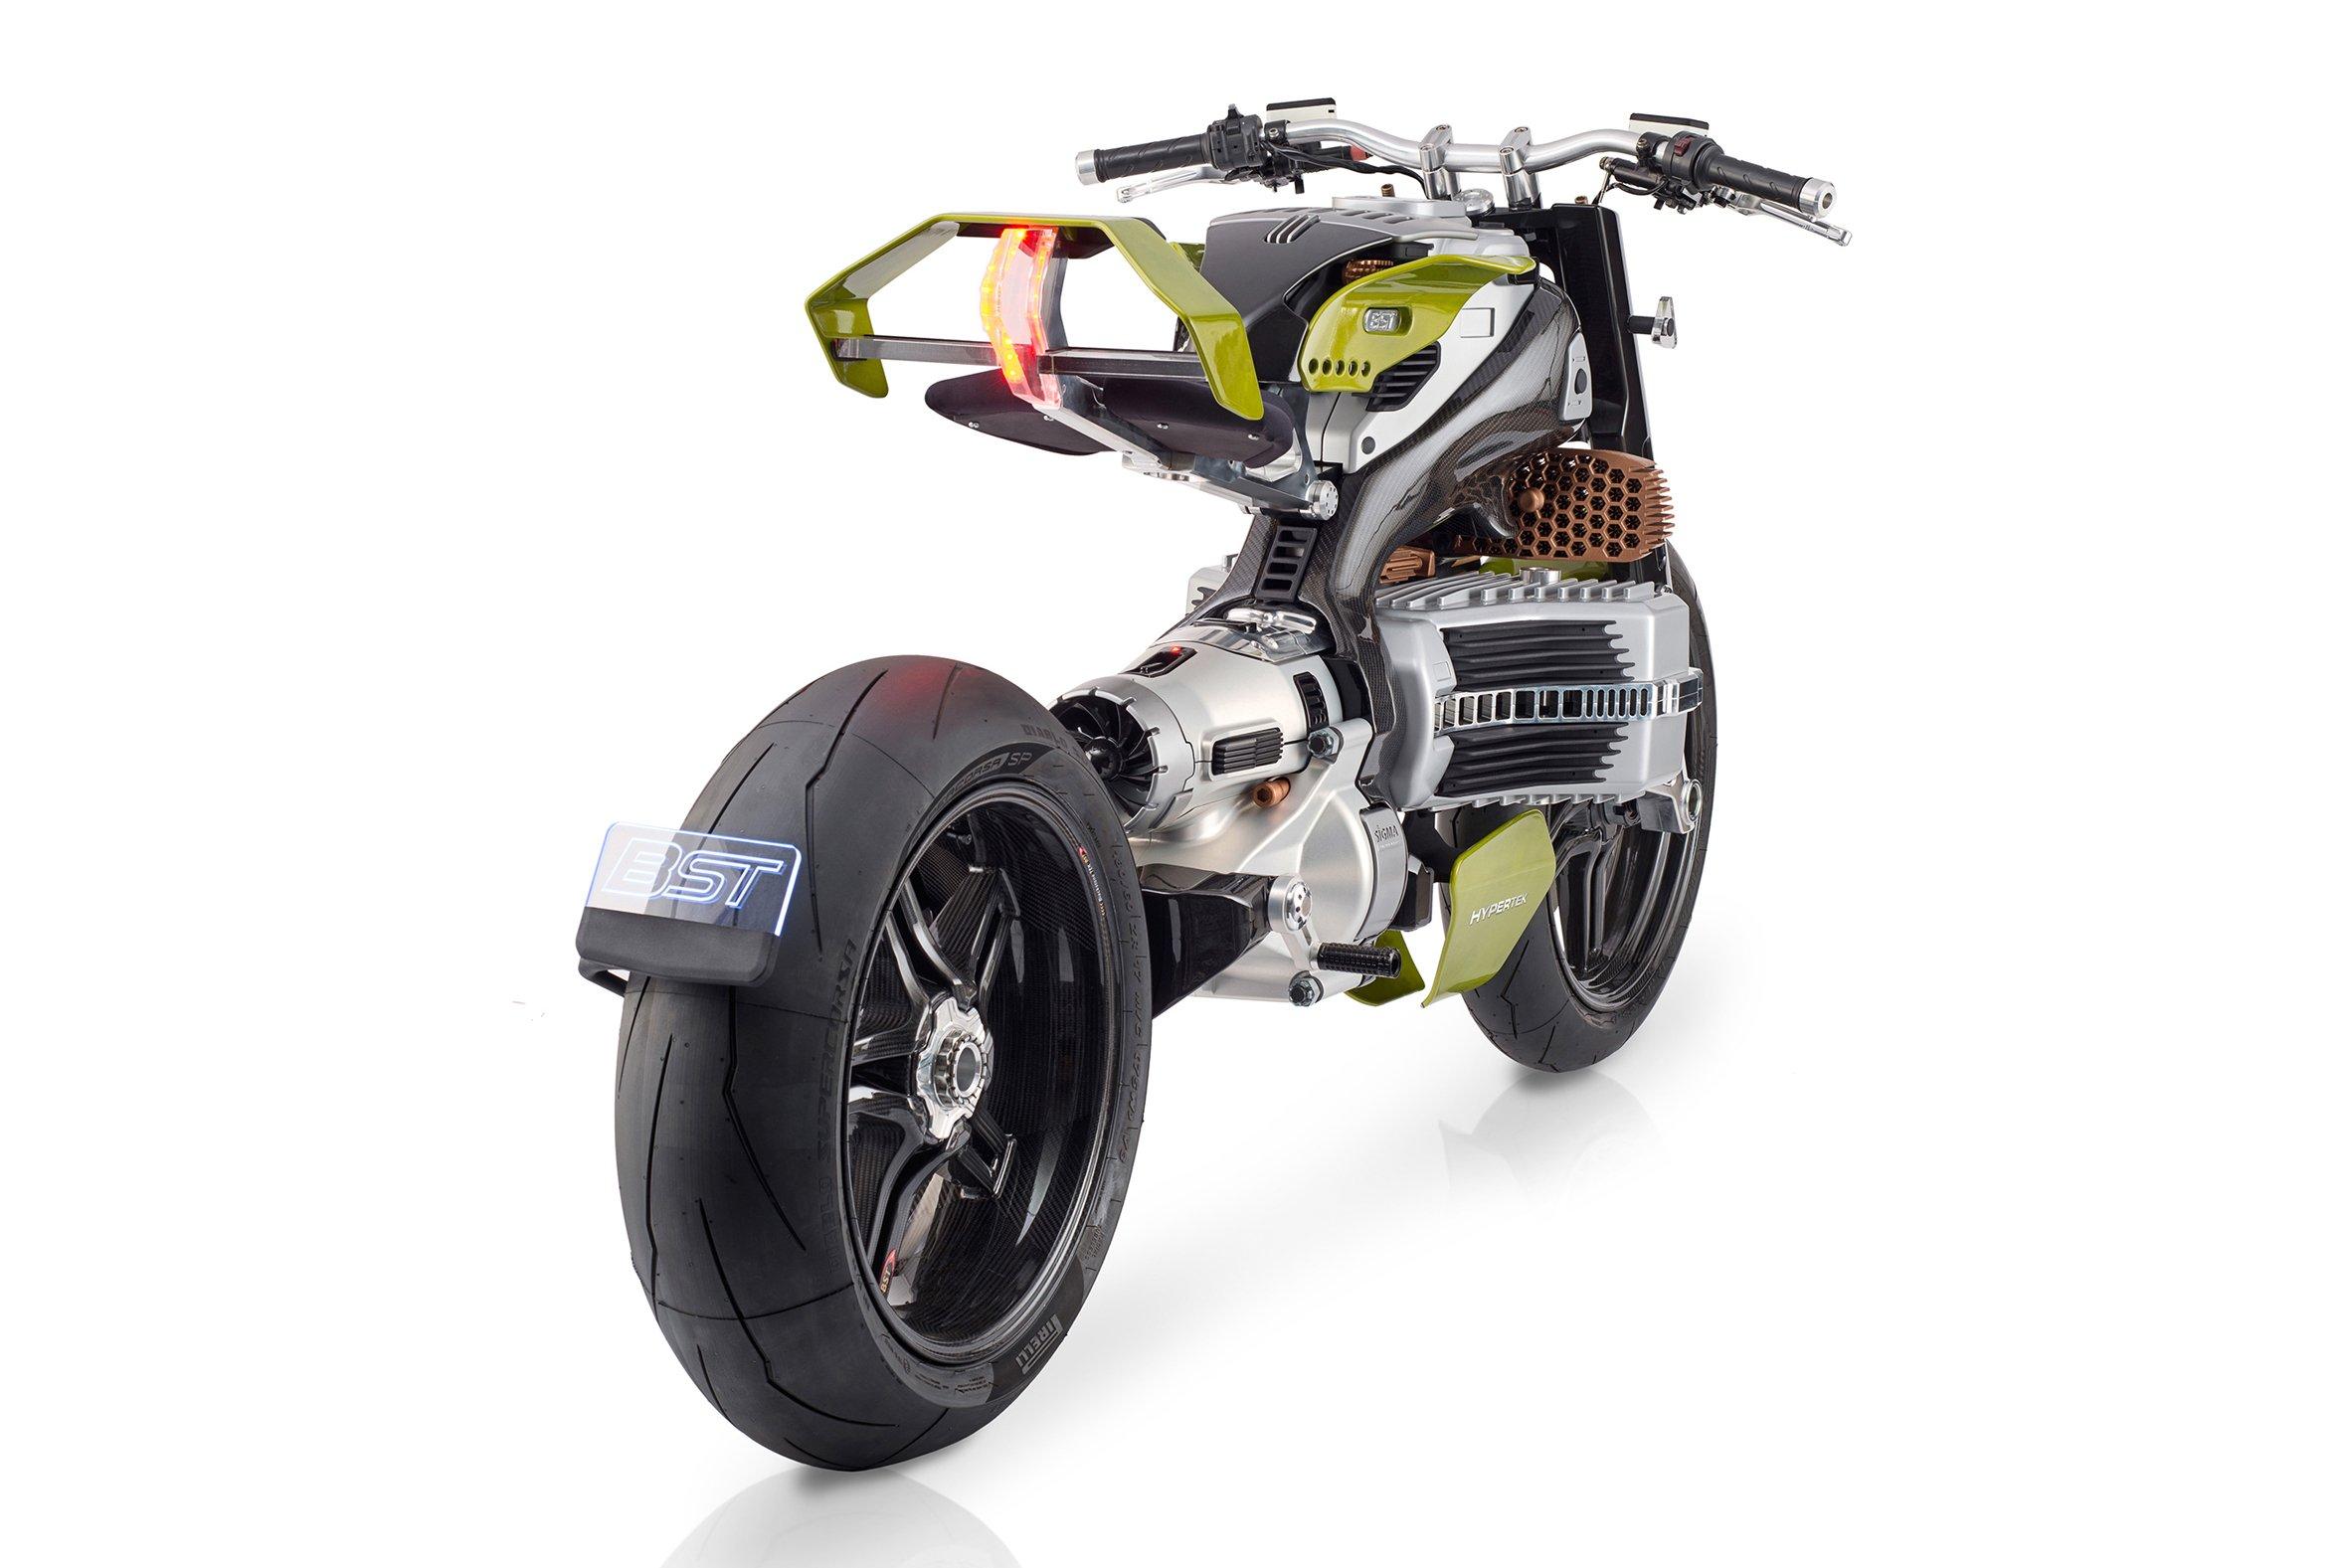 BST показала электроцикл HyperTEK стоимостью 80 тысяч долларов